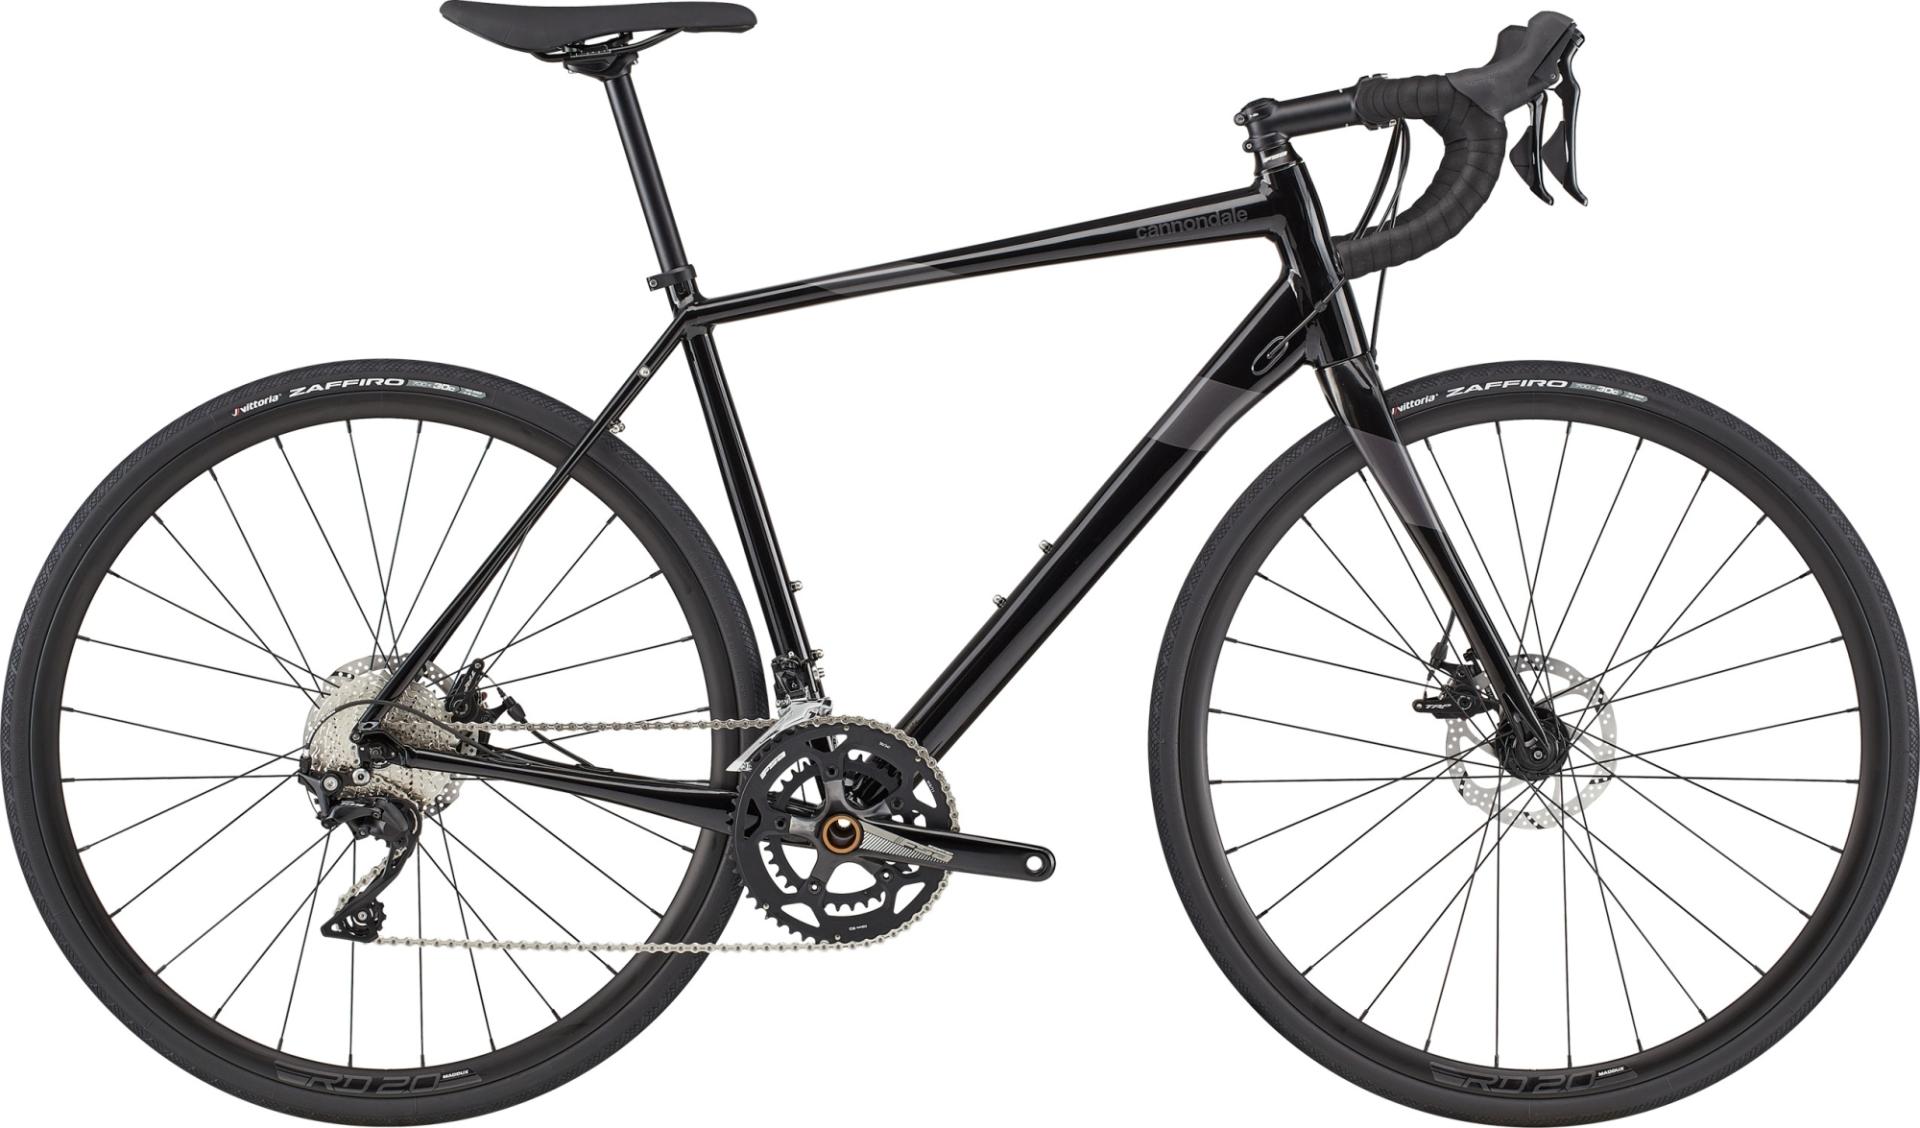 Cannondale Synapse 105 országúti kerékpár - fekete - 54 cm (2020)